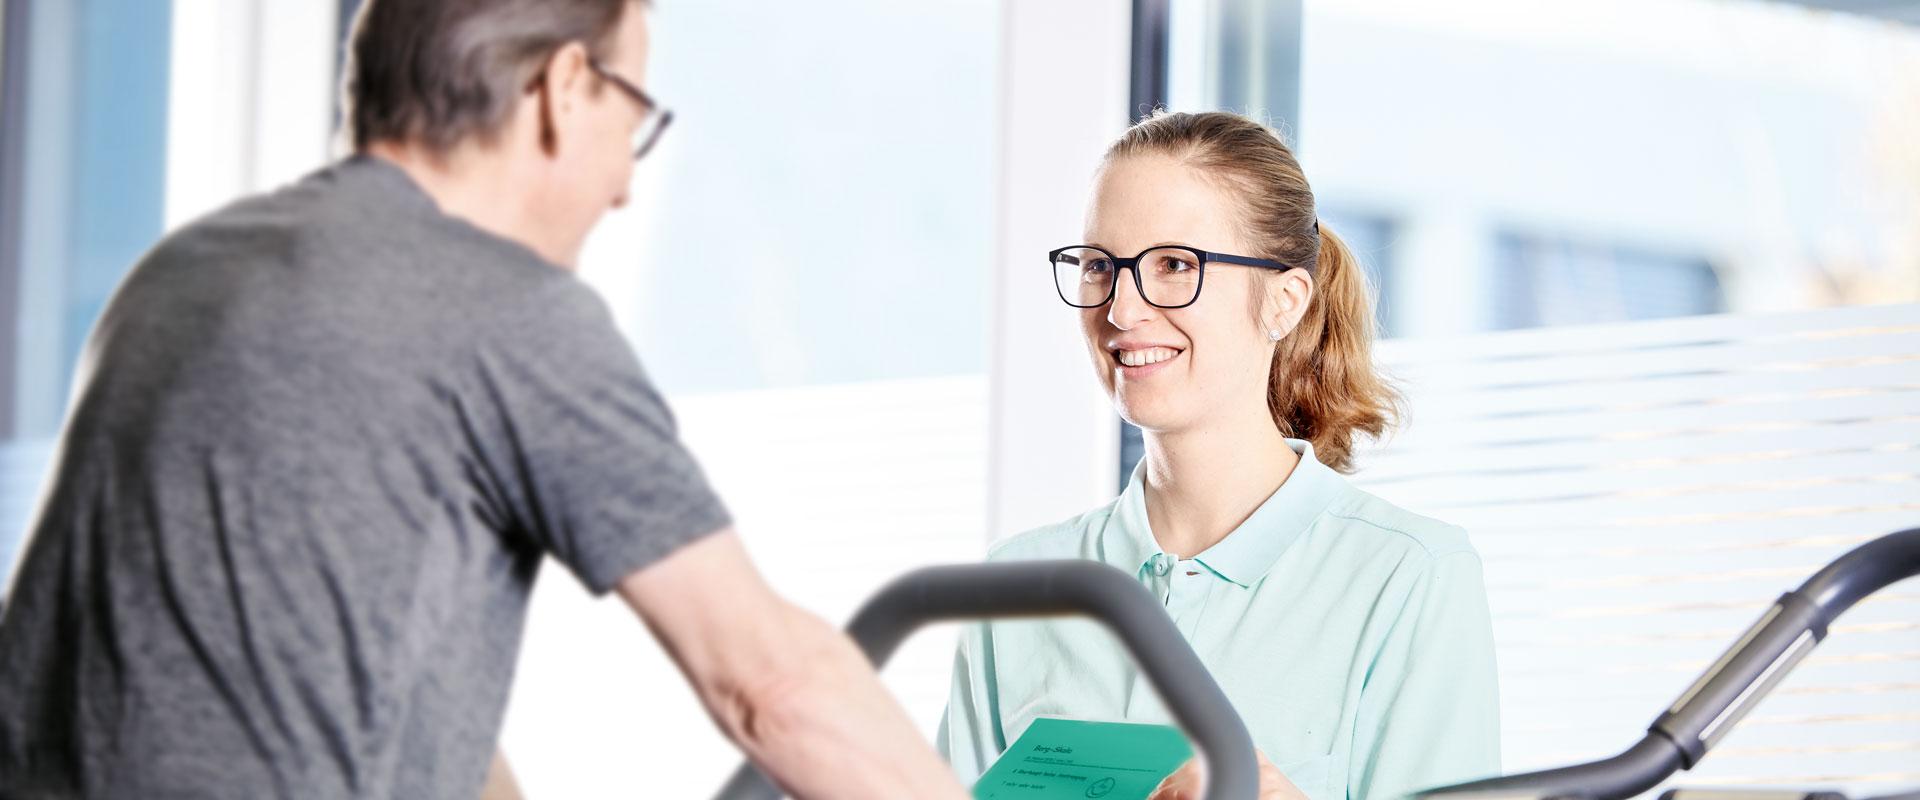 Ursina Buchmüller im Gespräch mit einem Patienten